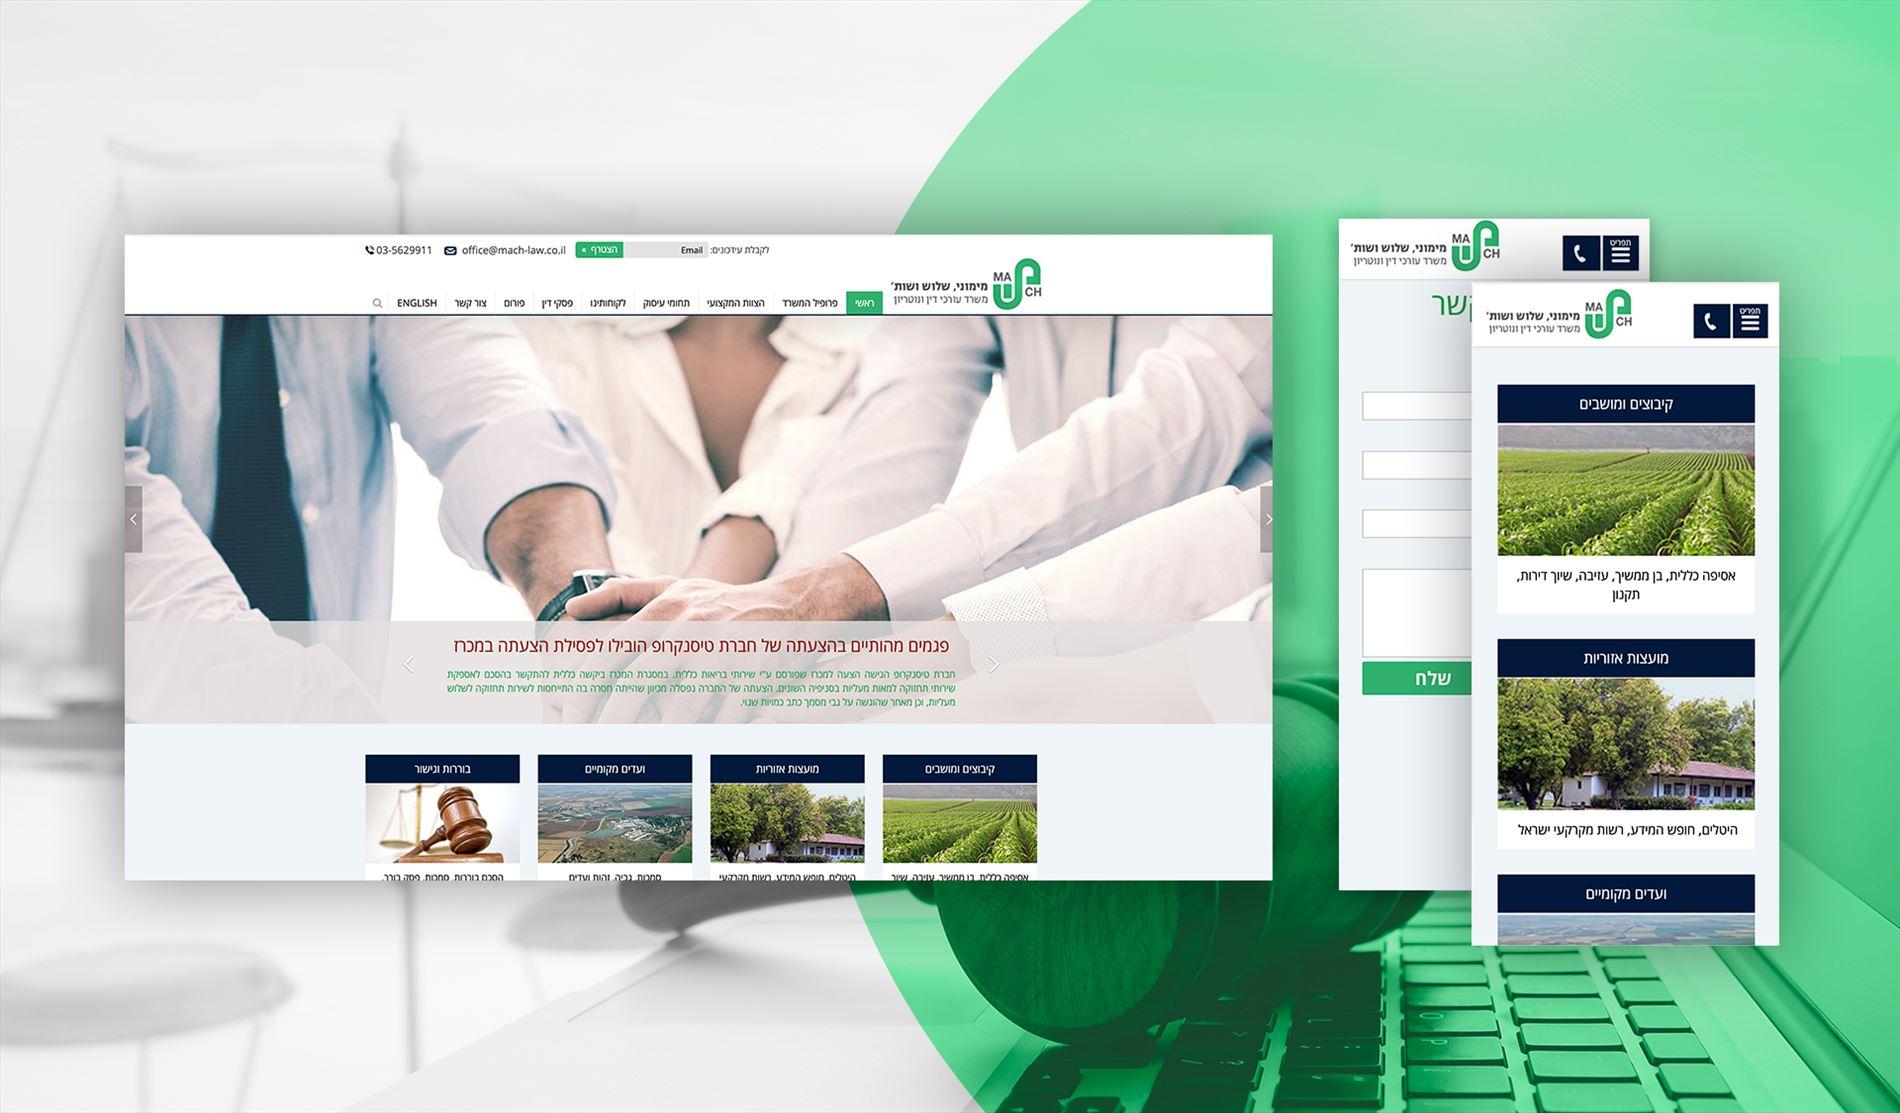 בניית אתר אינטרנט למשרד עורכי דין מימוני-שלוש ושות'